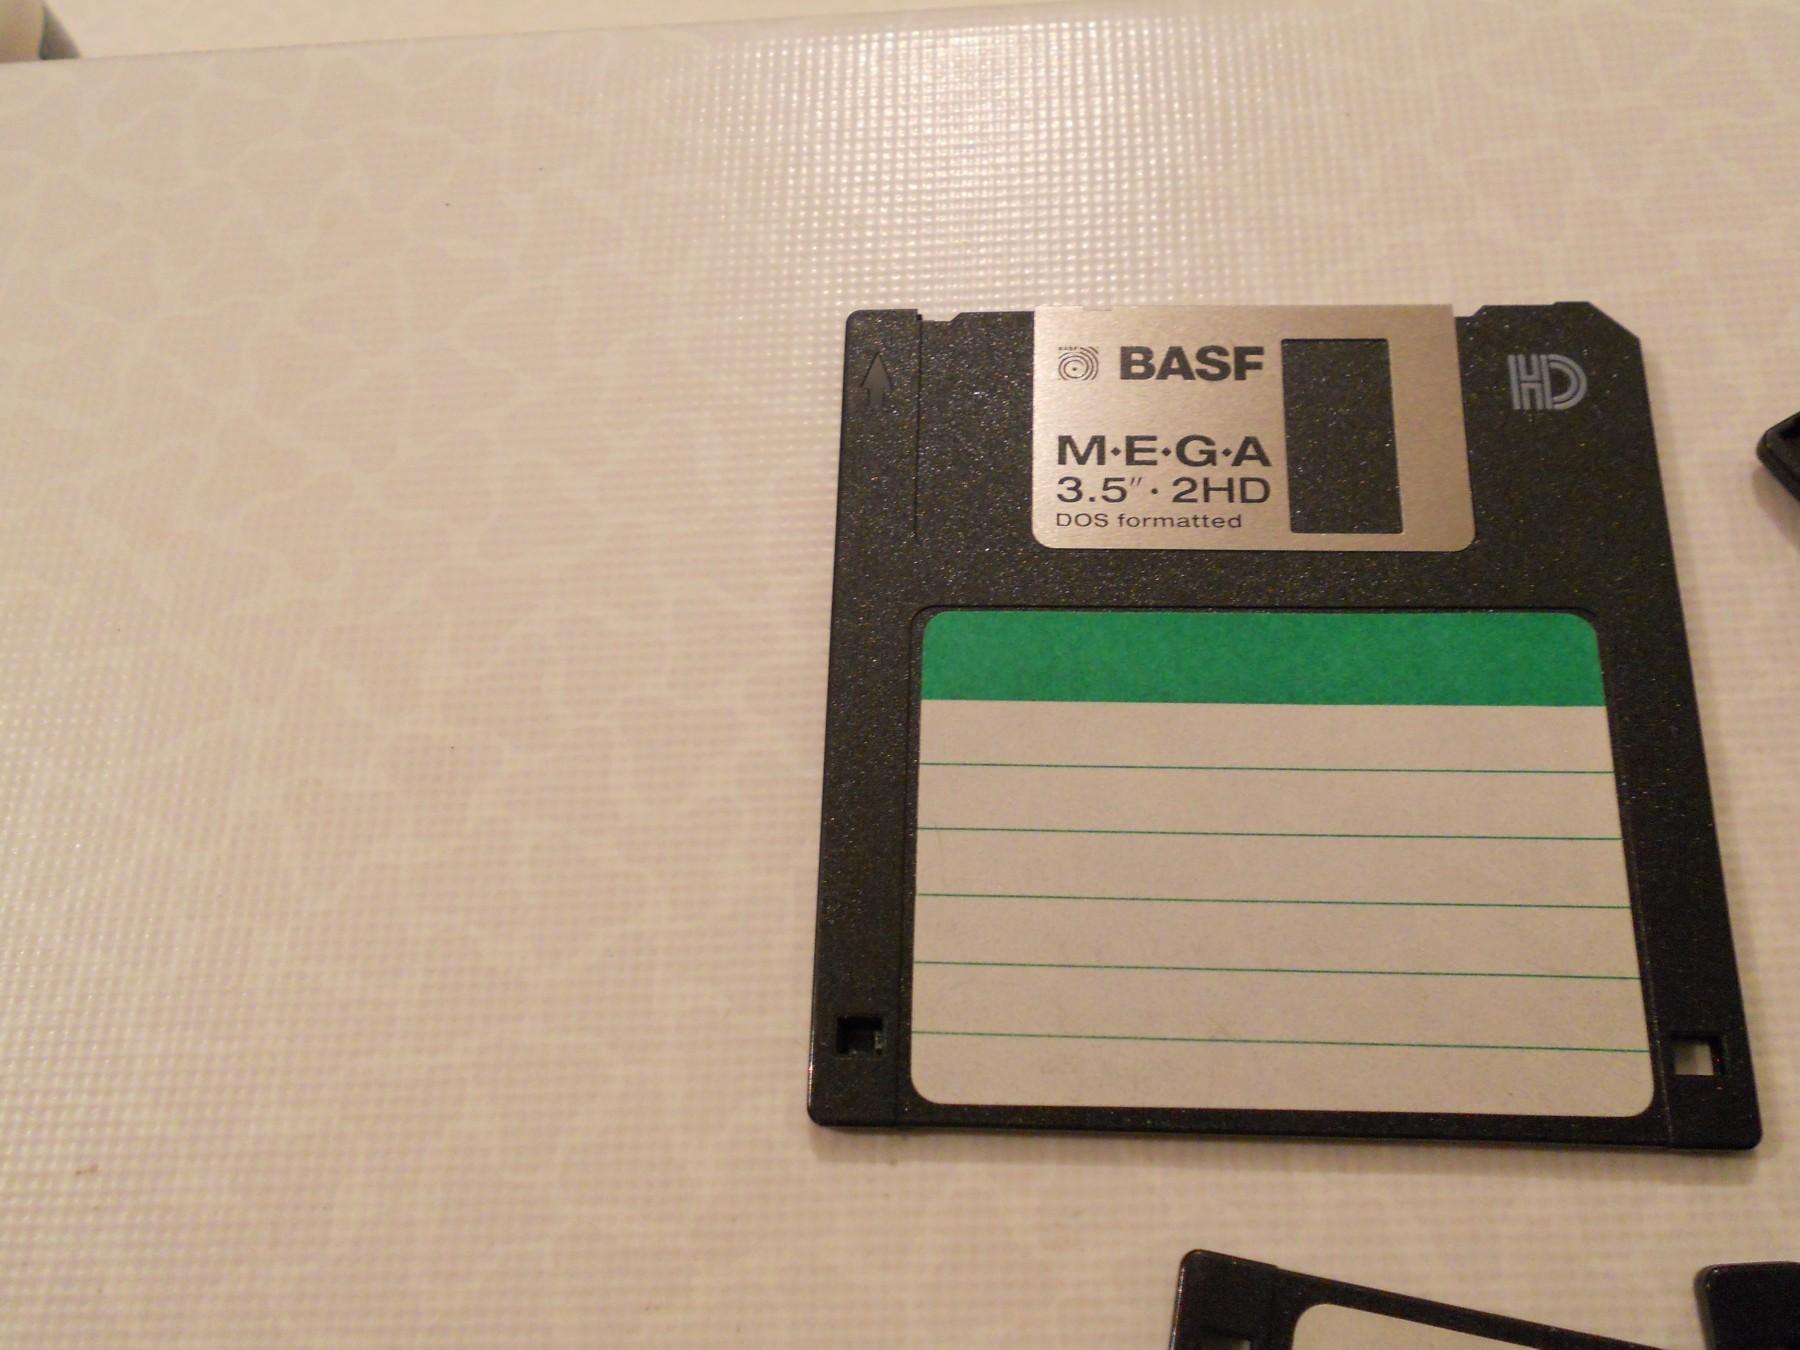 diskete basf 3 5 floppy disk 10 1. Black Bedroom Furniture Sets. Home Design Ideas